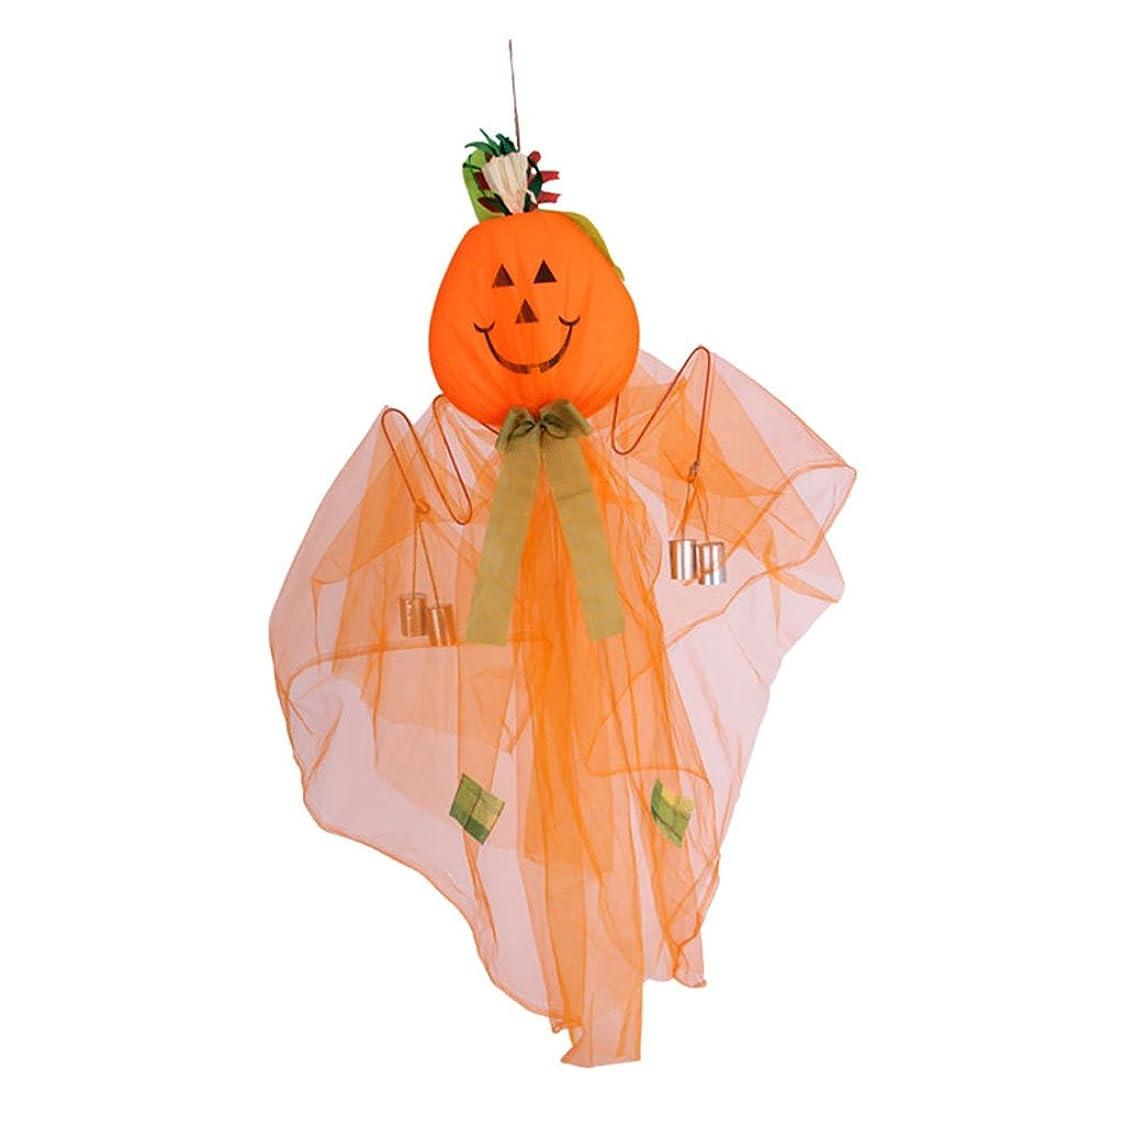 インタネットを見る神聖虐待ハロウィーンの装飾カボチャの風鈴の装飾の小道具装飾的なハロウィーン用品 (Color : WHITE)